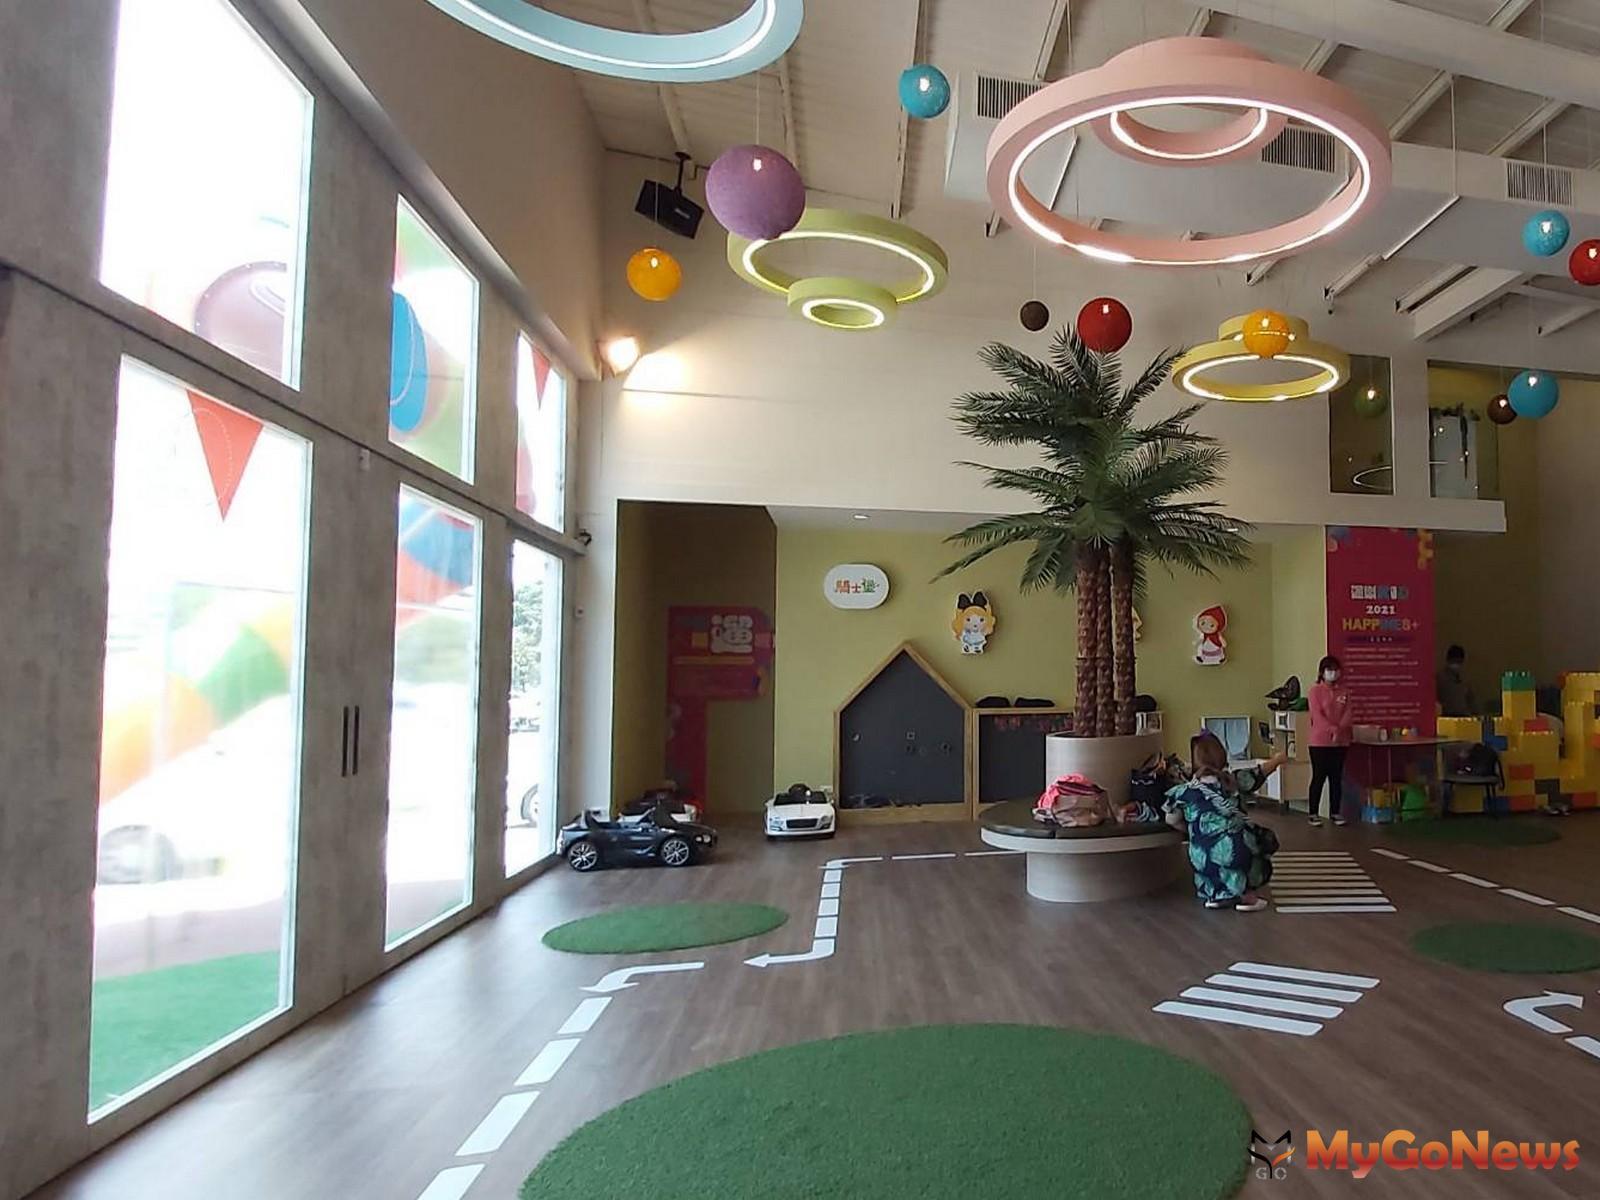 騎士堡跨足建置大型社區兒童遊戲室長達10多年,從社區公設到接待中心都有與國內指標建商攜手合作。圖為桃園新建案「築億海格」銷售中心。(圖/騎士堡提供) MyGoNews房地產新聞 熱銷推案